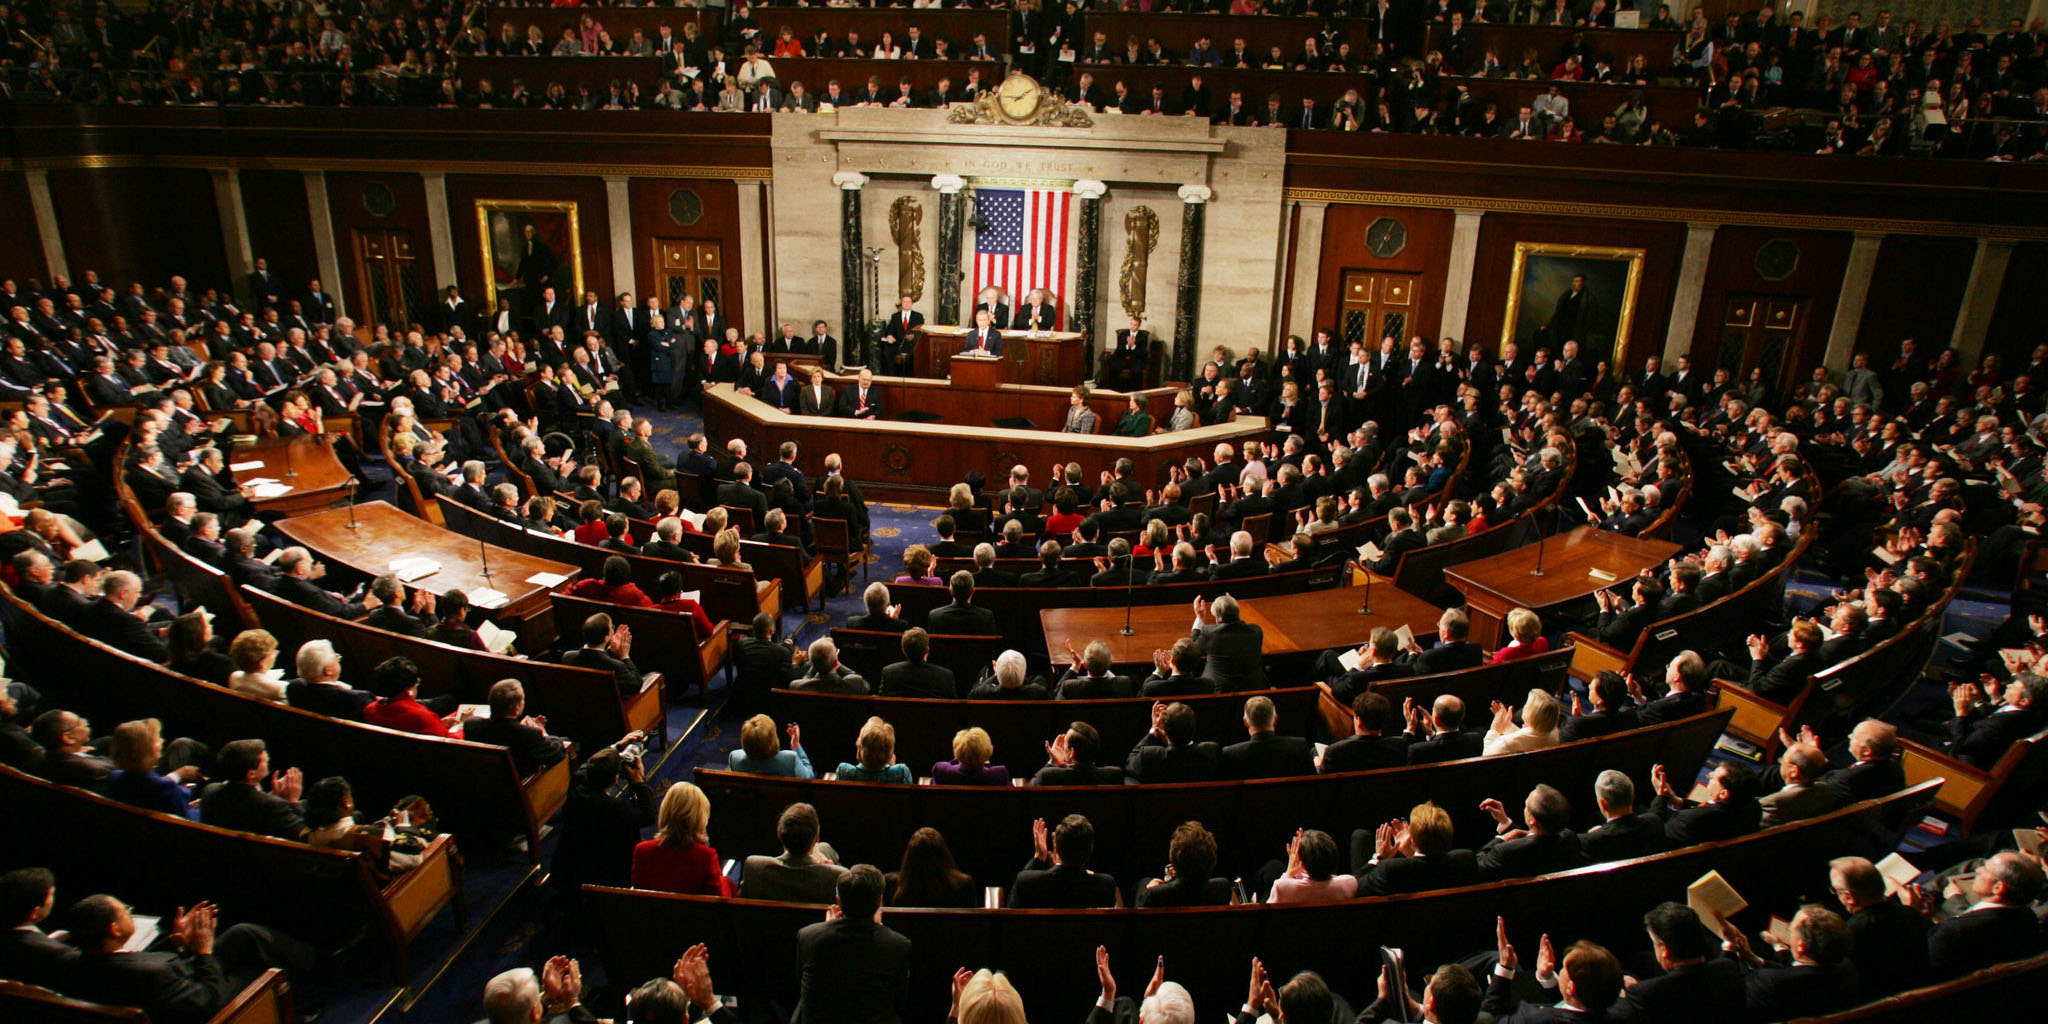 کنگره با برجام چه خواهد کرد؟